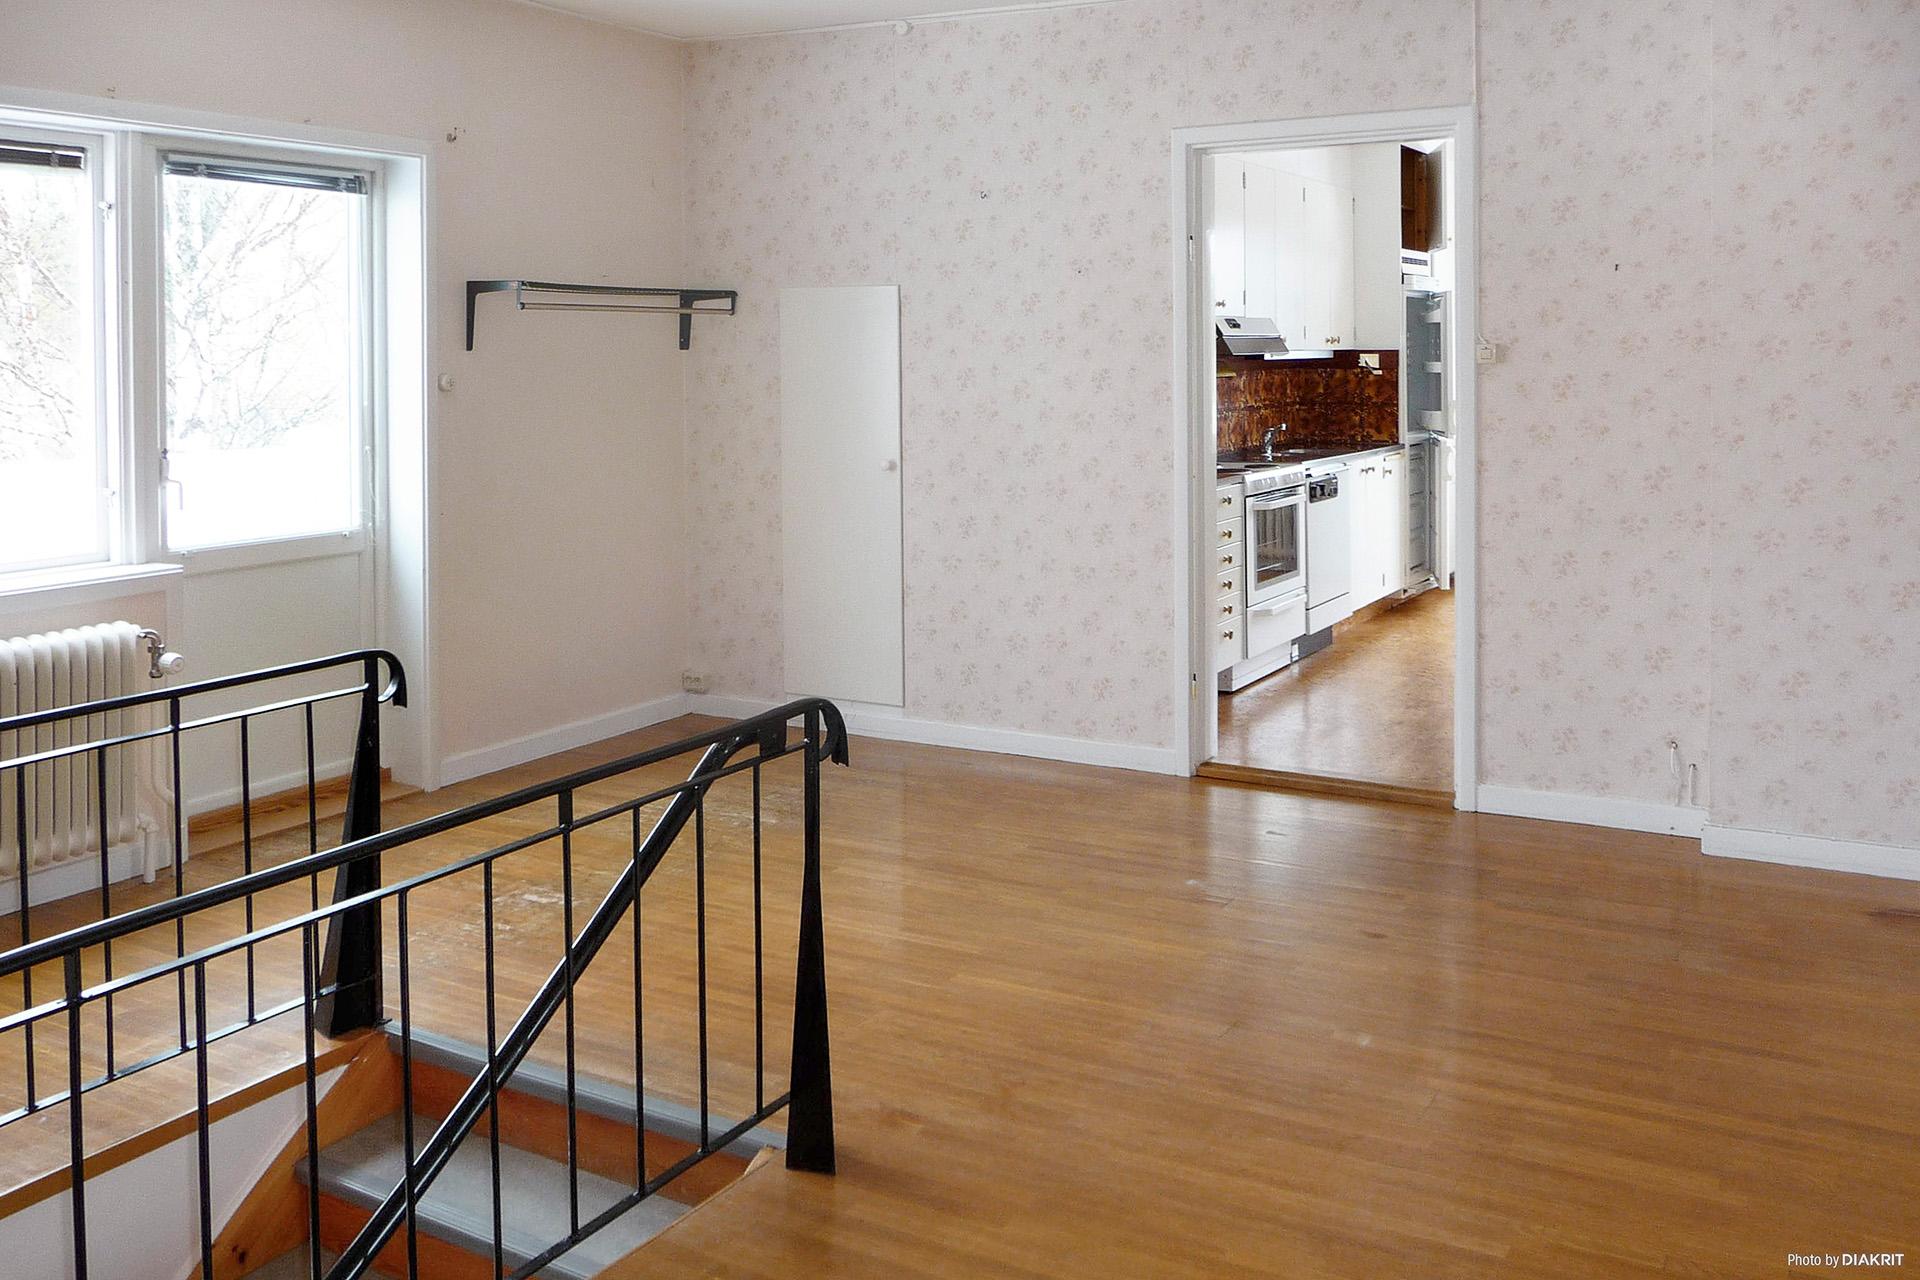 Övervåning, möblerbar hall